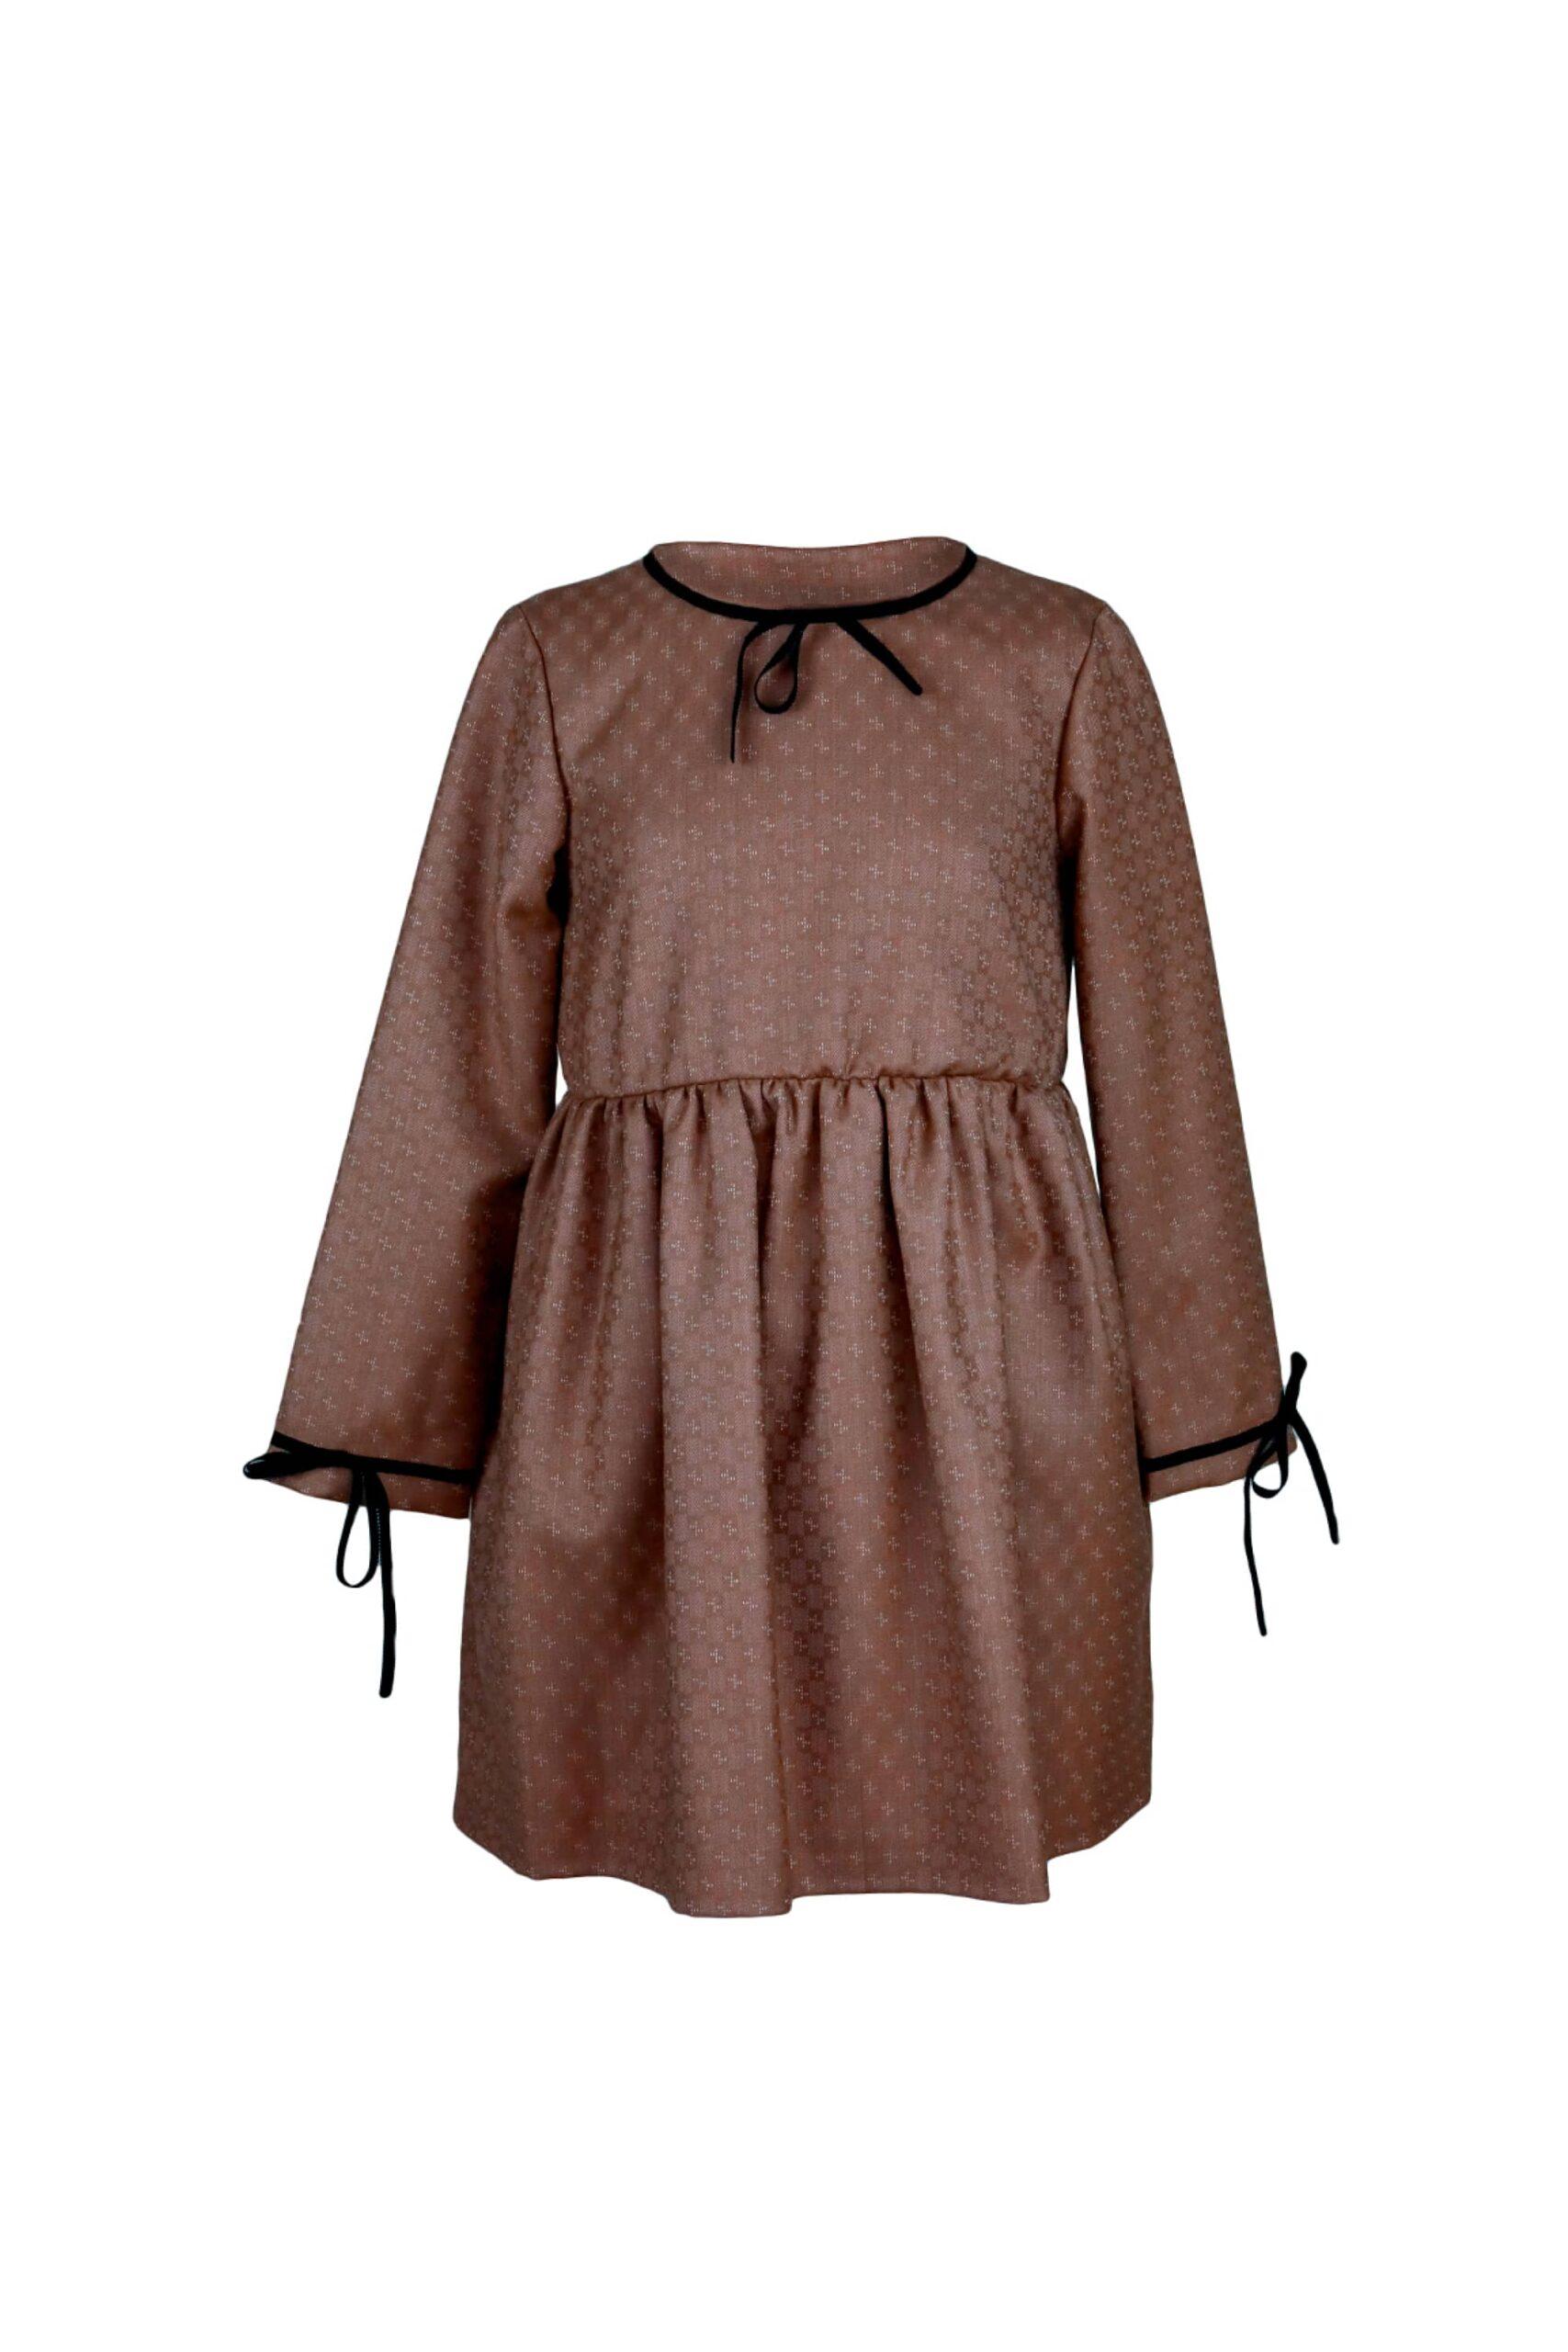 платье для девочки с бантиками и застежкой на спинке